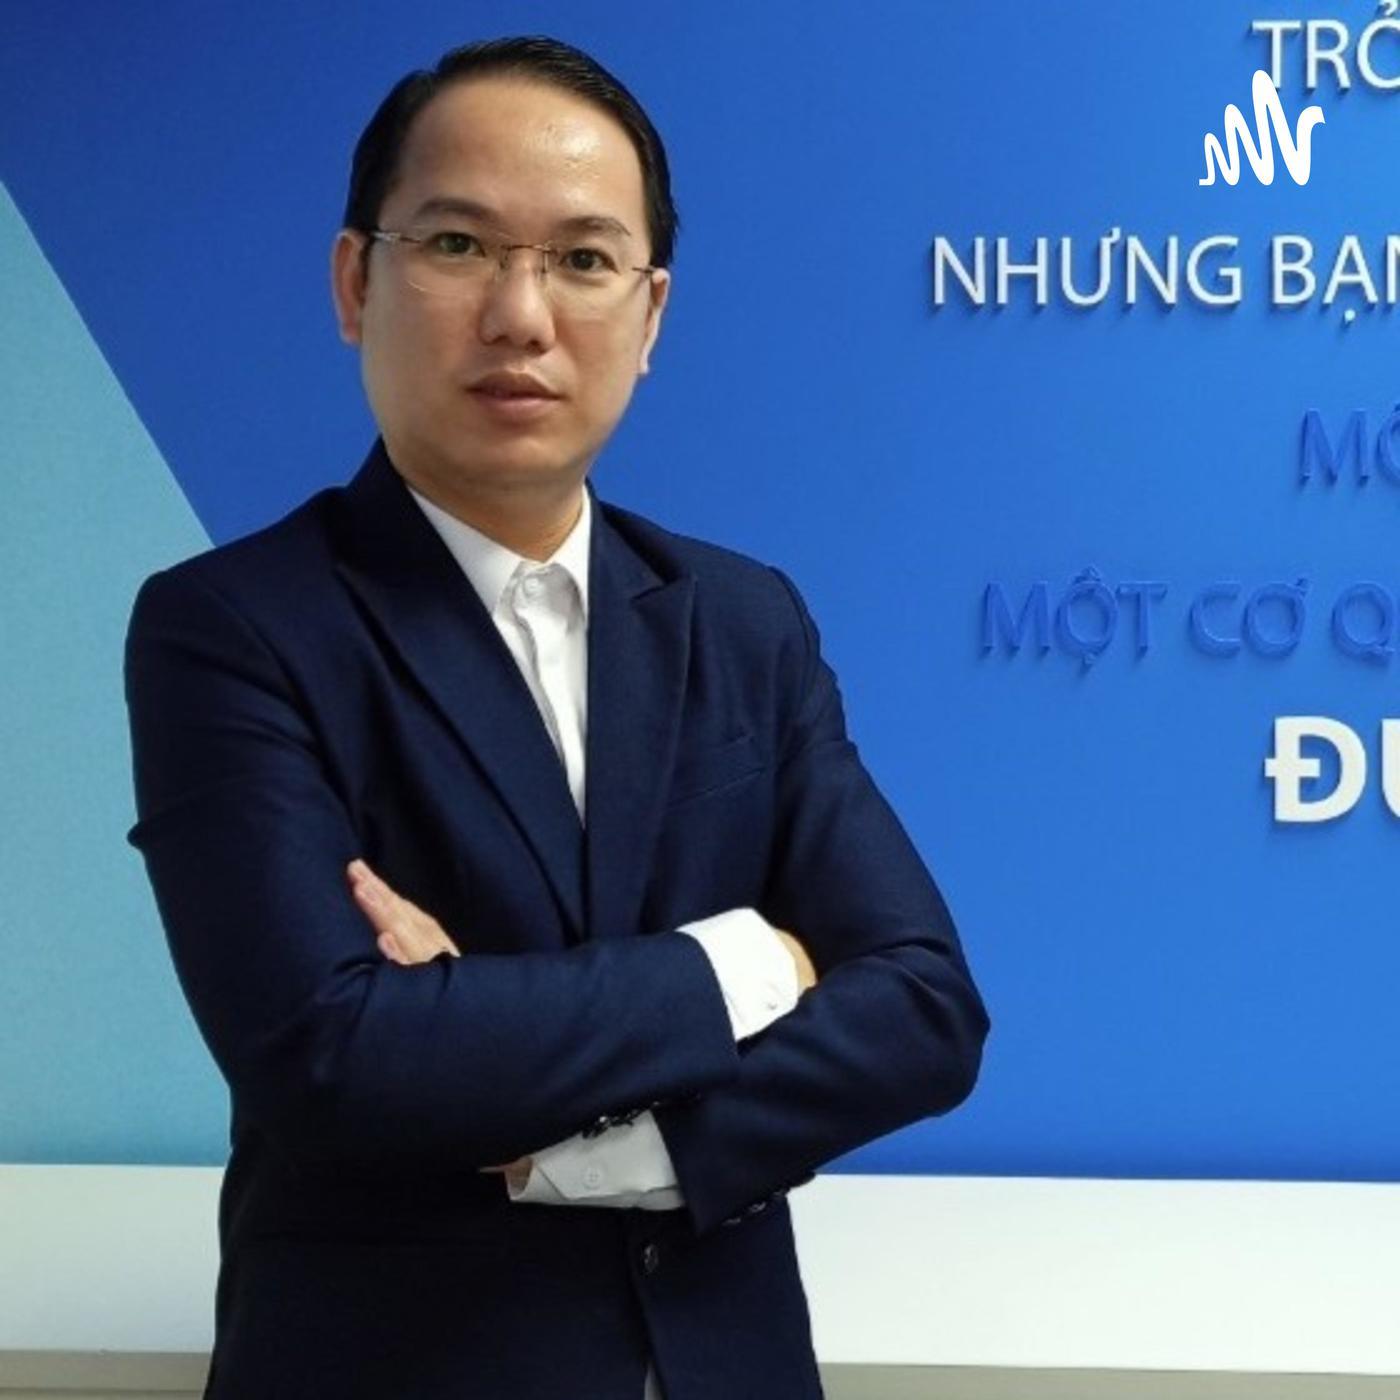 9月10日最新接案案件:越南文翻譯-PRO360達人網接案中心